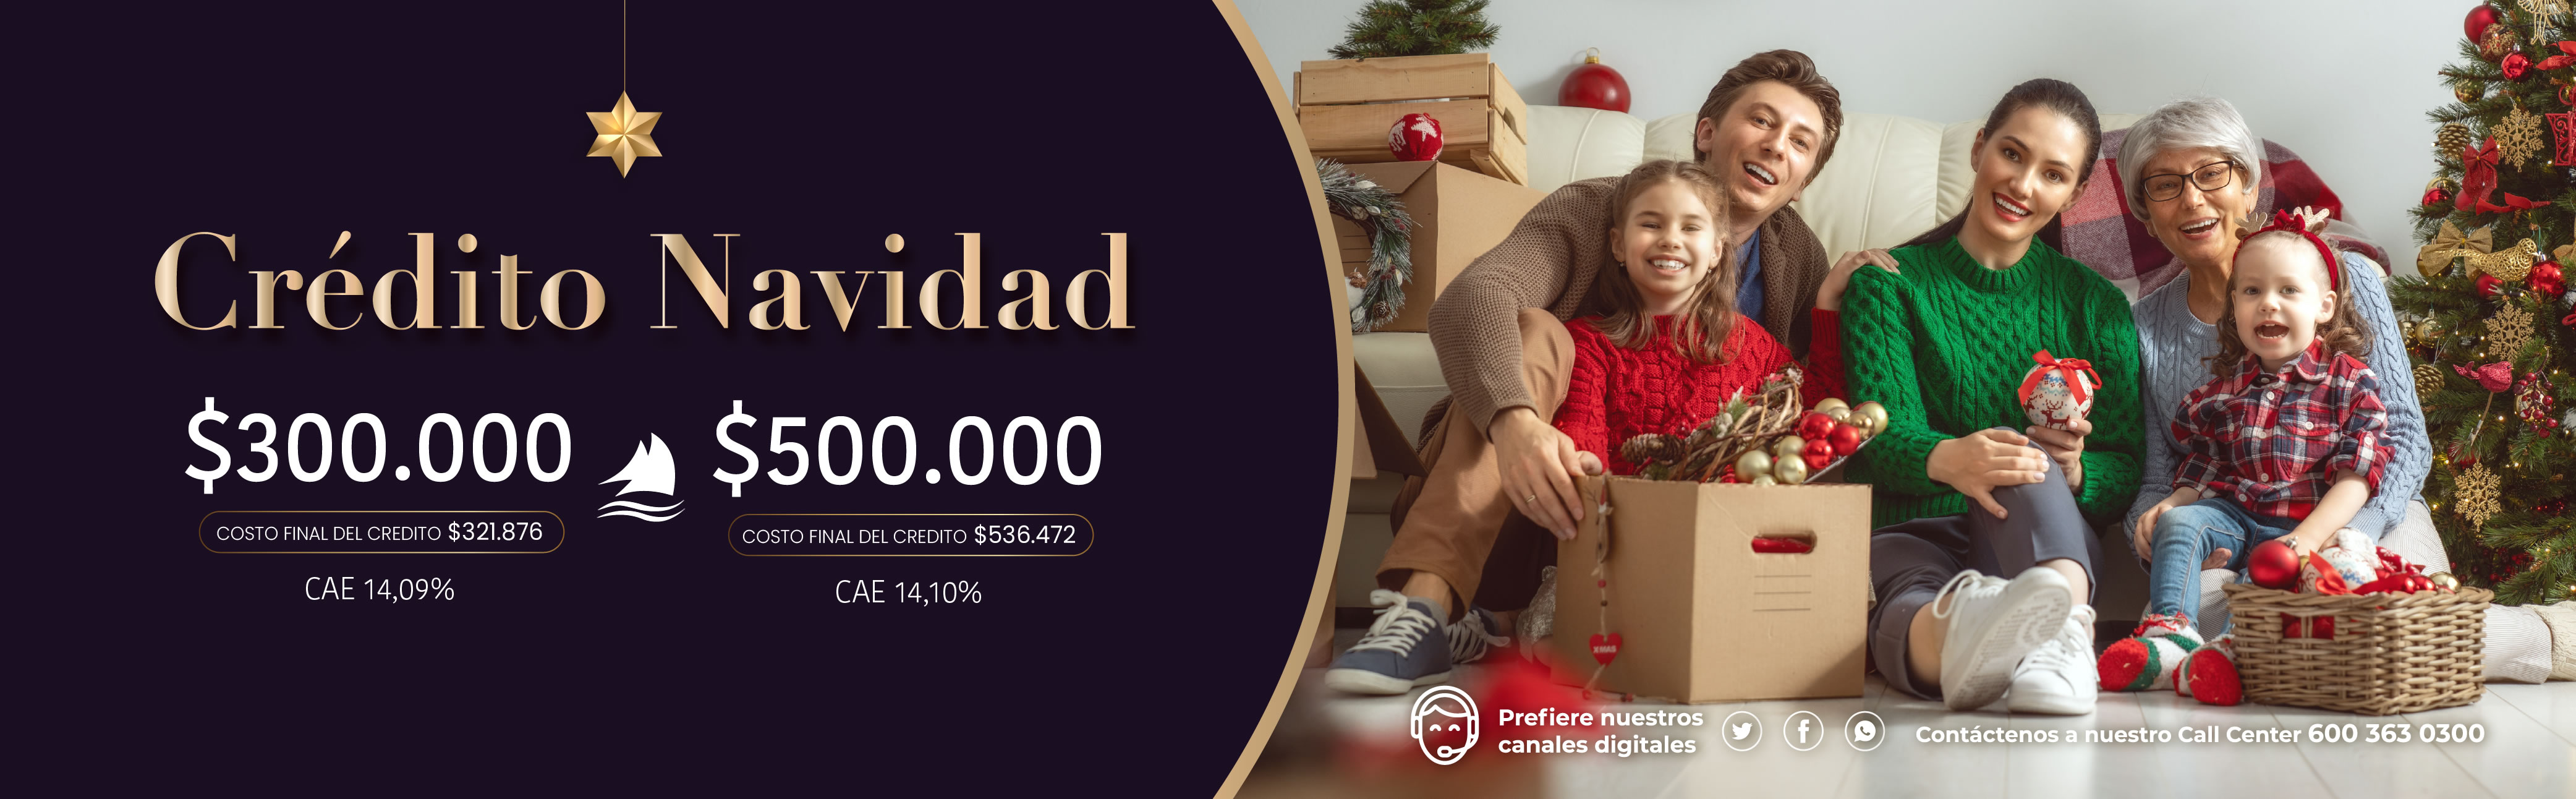 Crédito Navidad